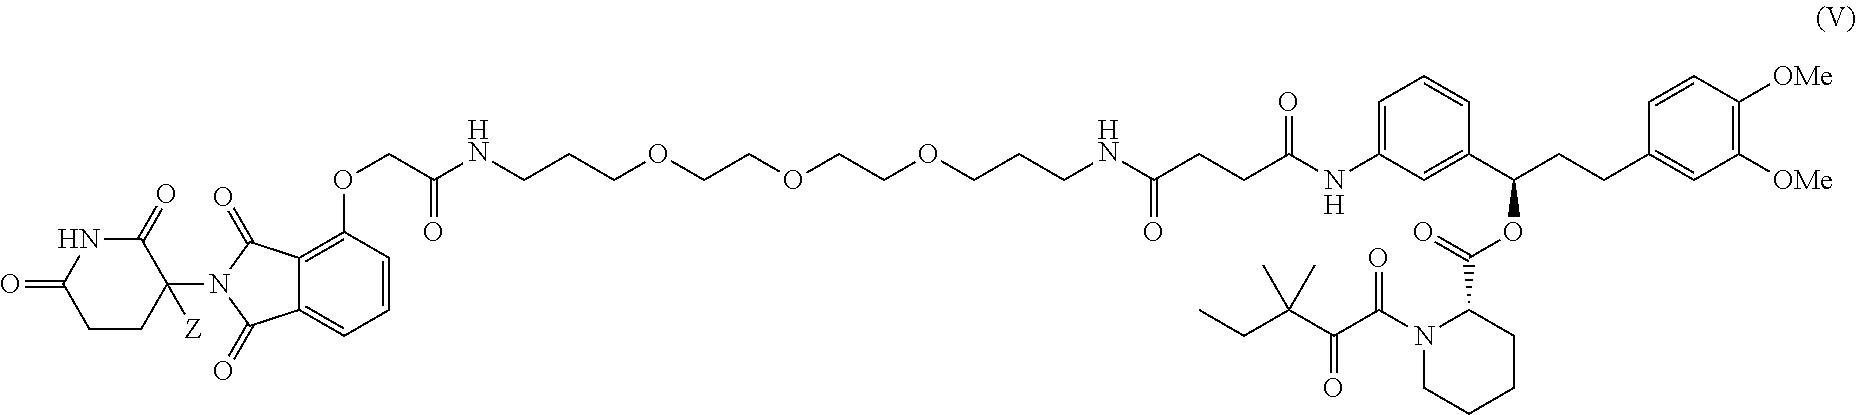 Figure US09809603-20171107-C00006